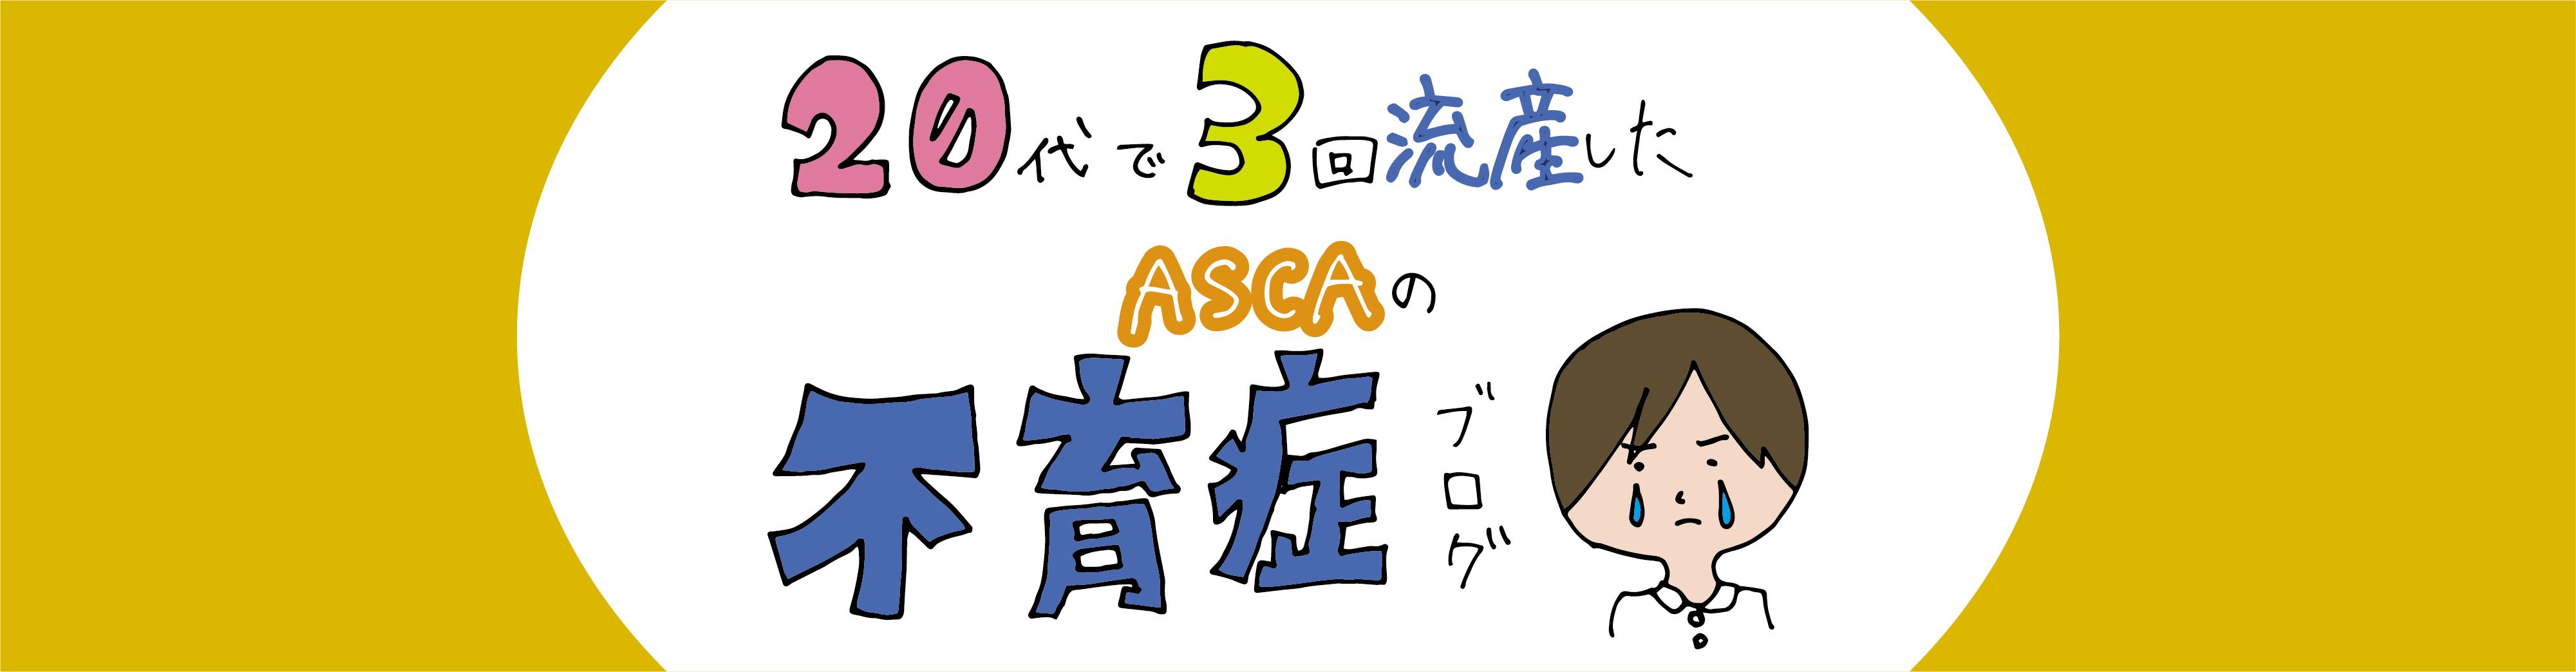 3回流産 不育症のASCAのブログ